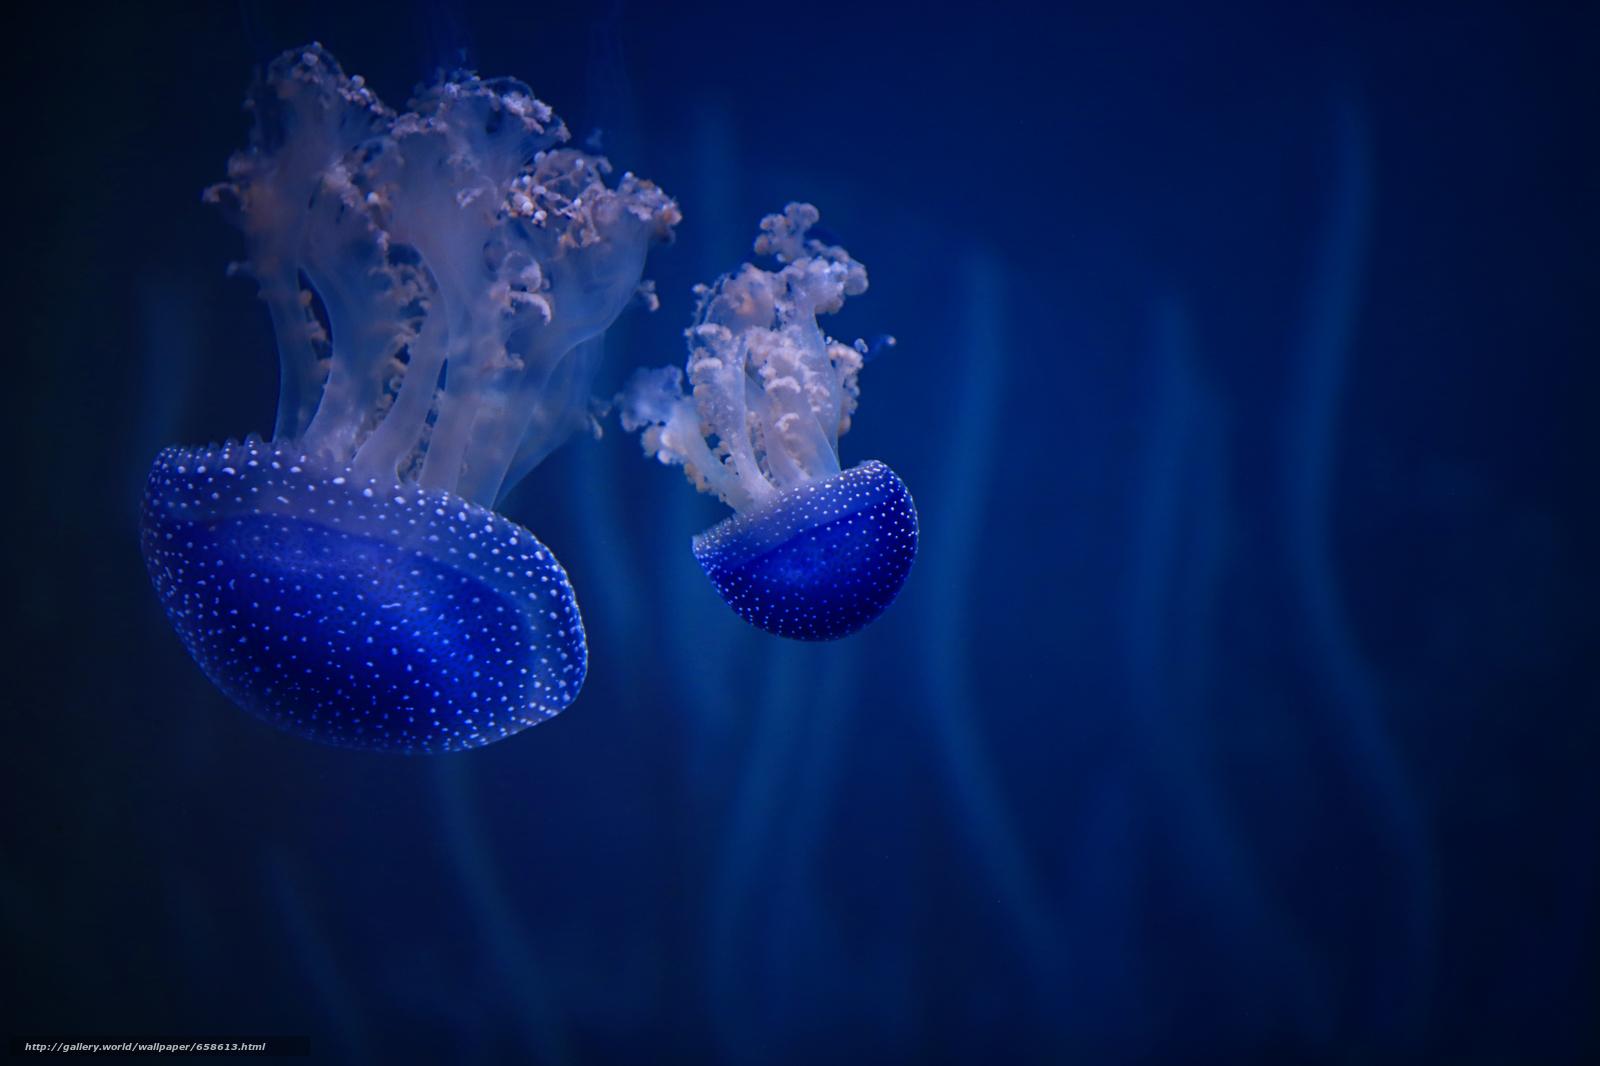 pobra tapety meduza,  Meduza,  Podwodny świat,  woda Darmowe tapety na pulpit rozdzielczoci 4000x2666 — zdjcie №658613